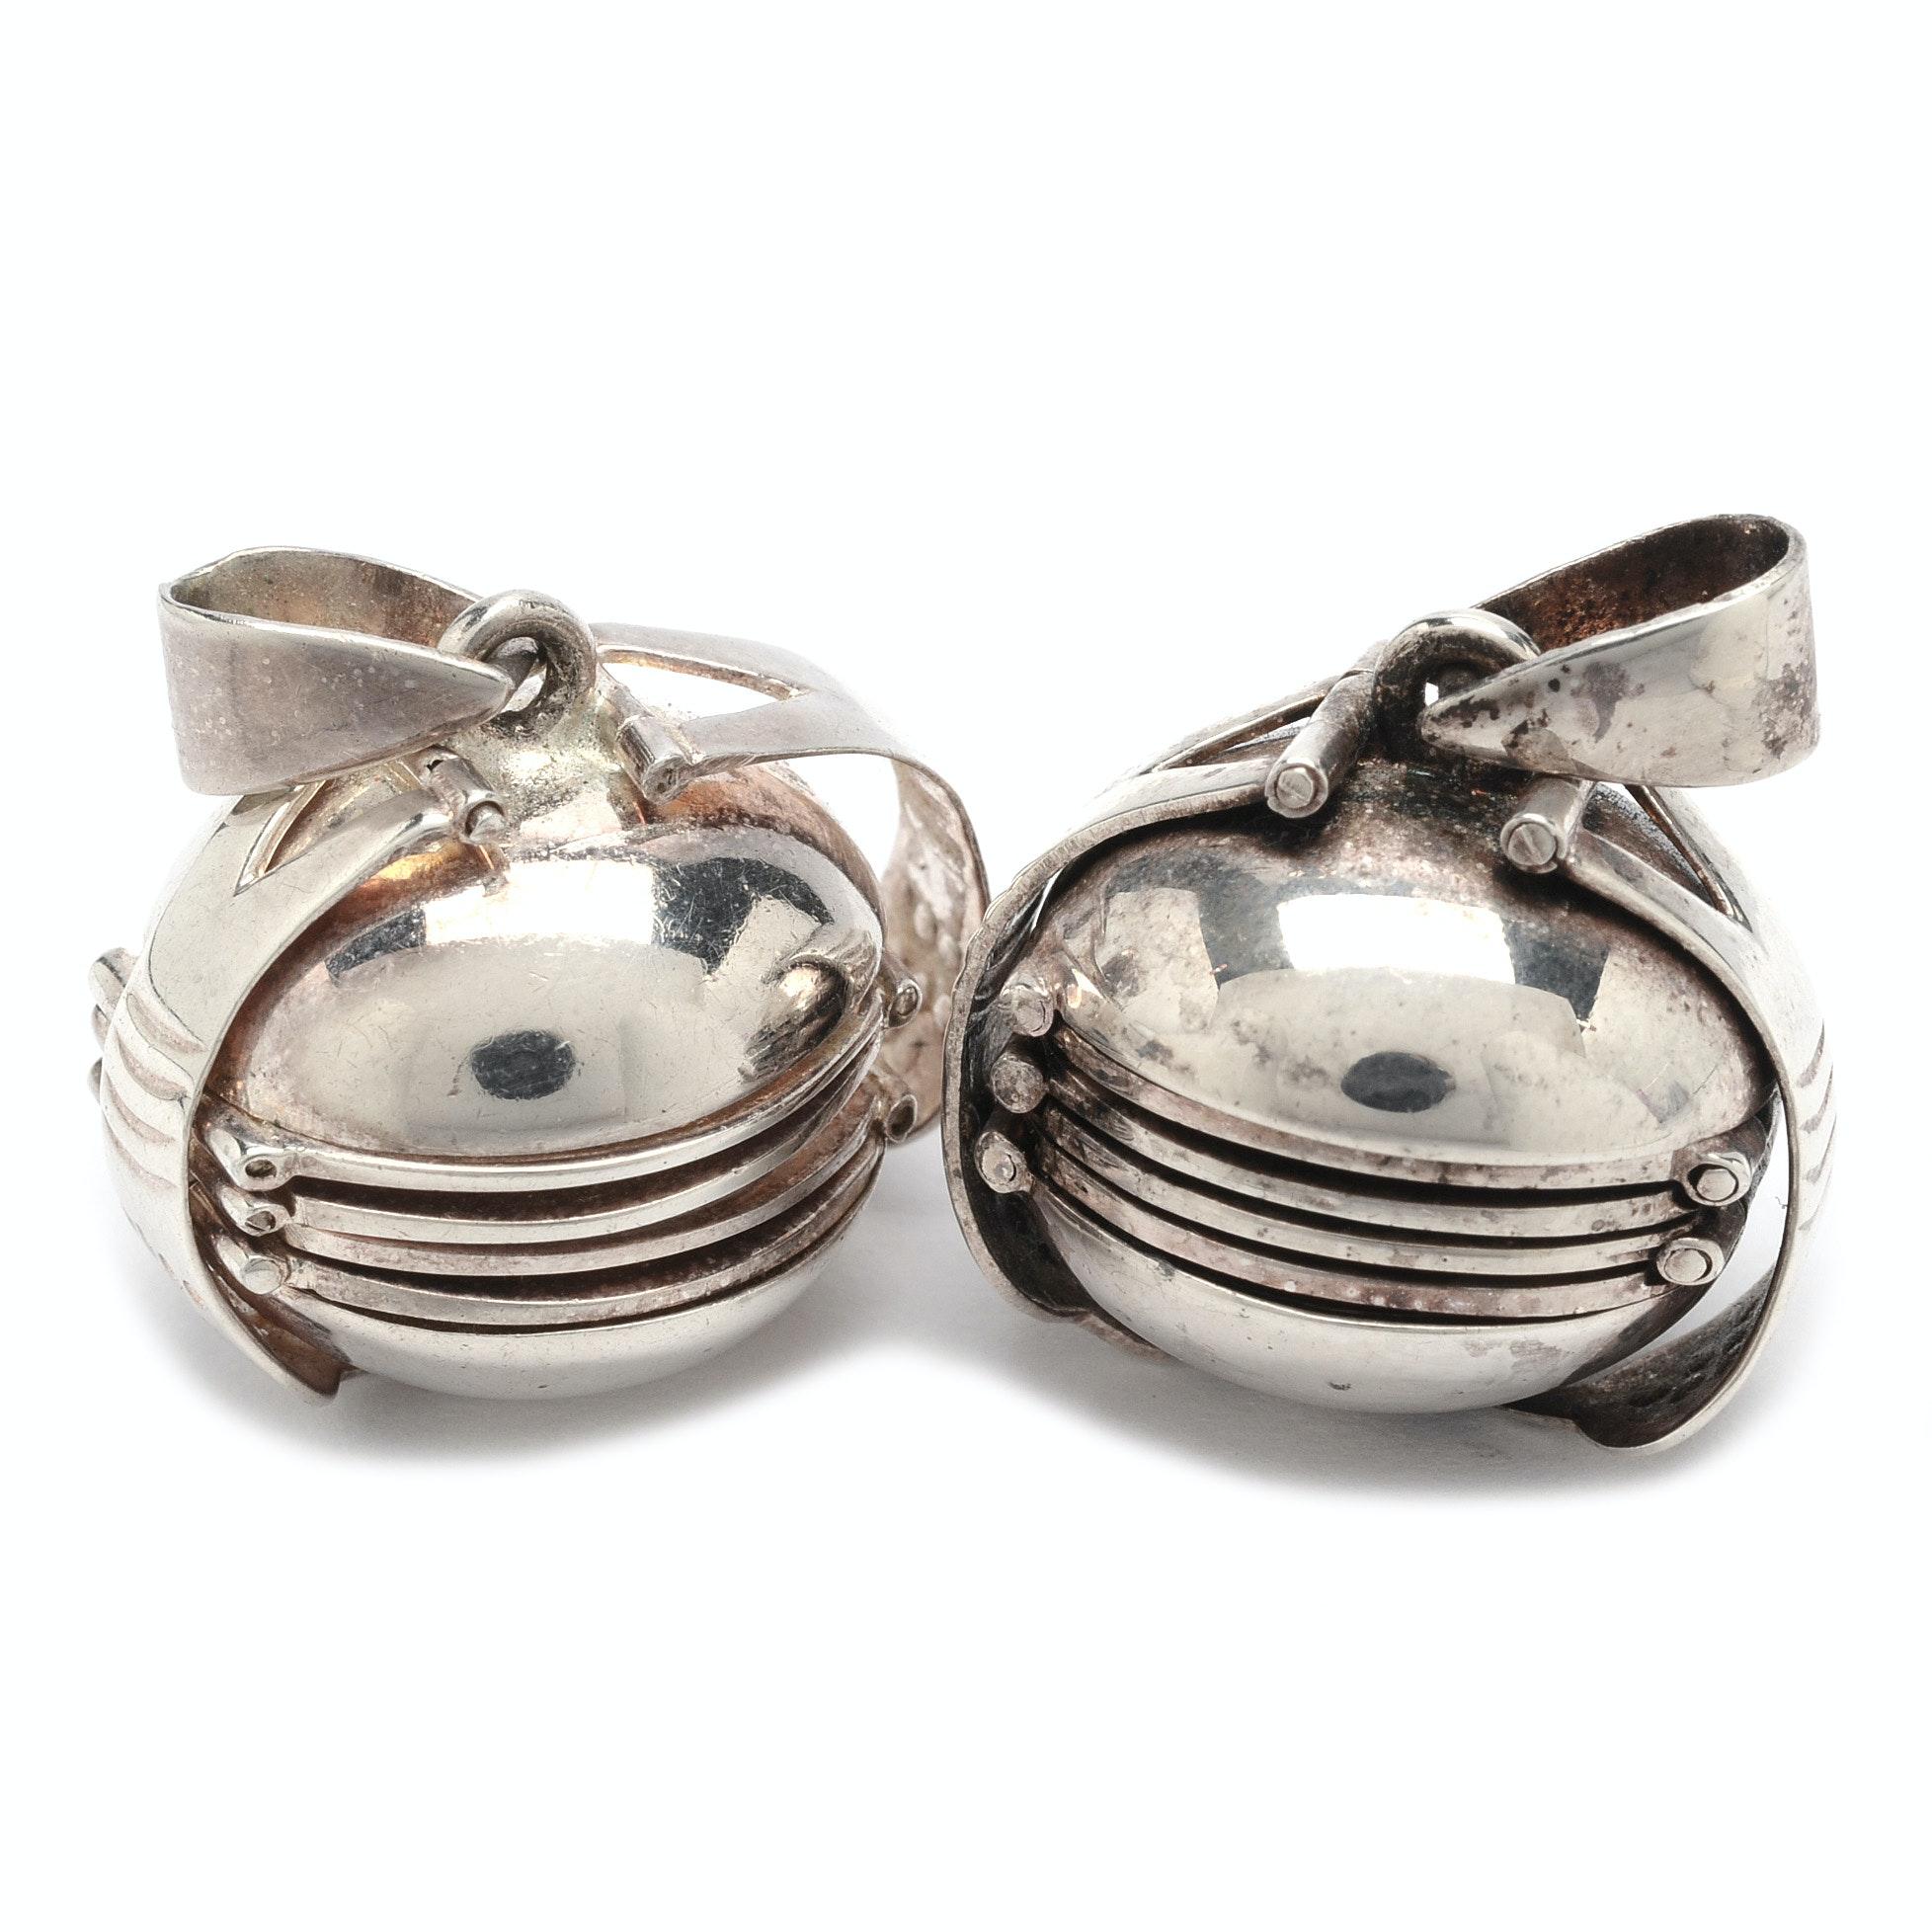 Pair of Sterling Silver Locket Pendants